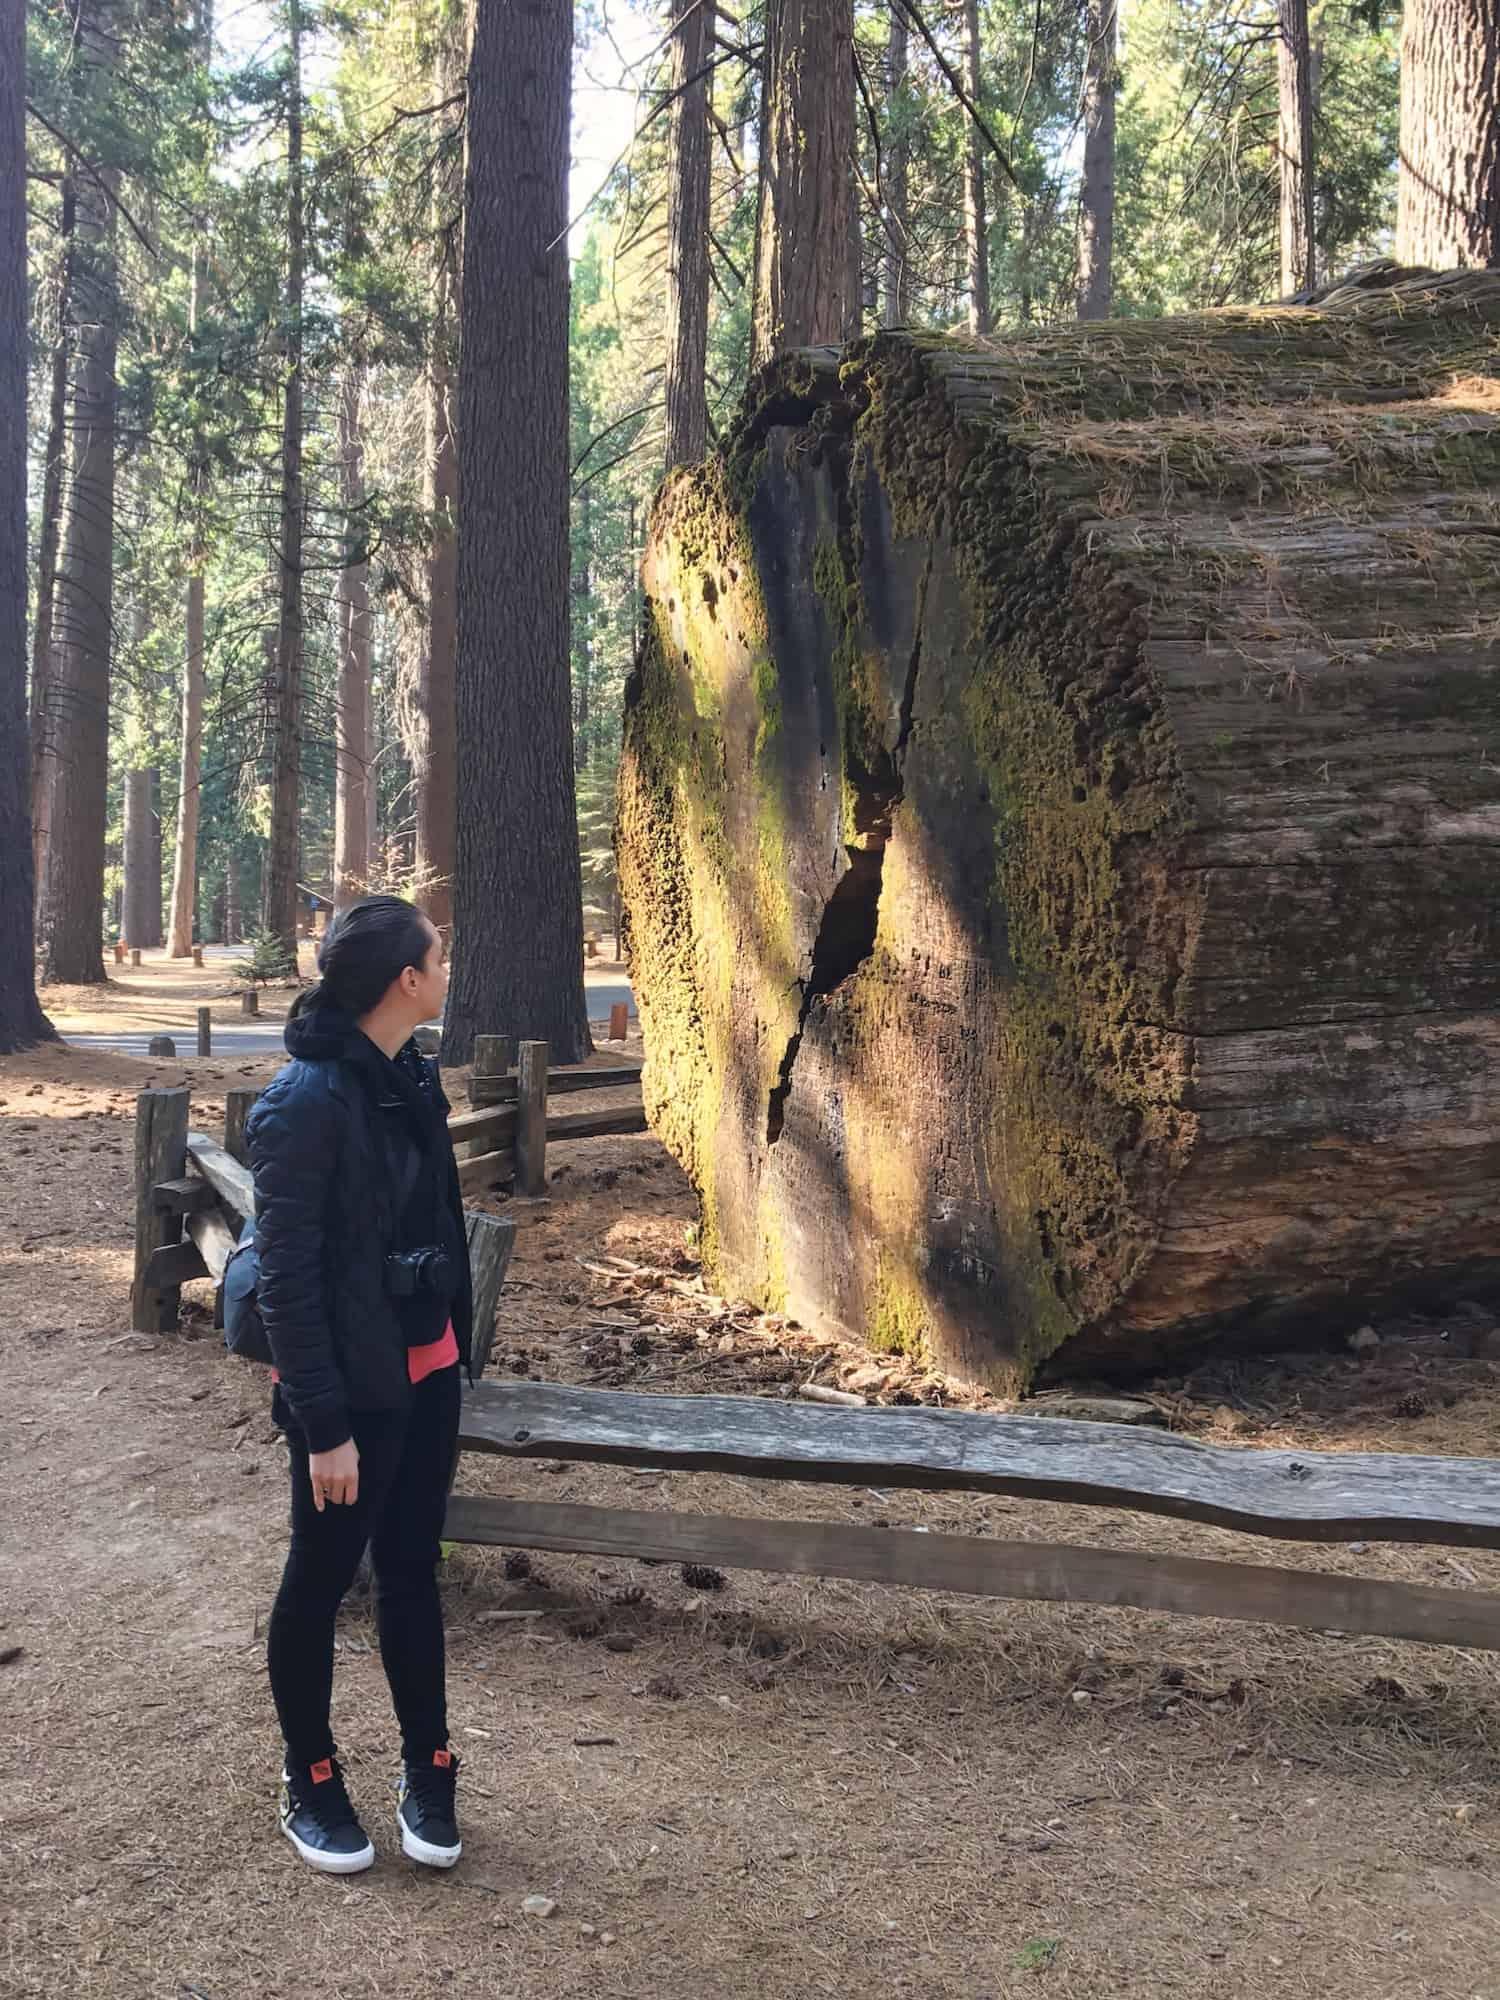 California Road Trip - Sequoias